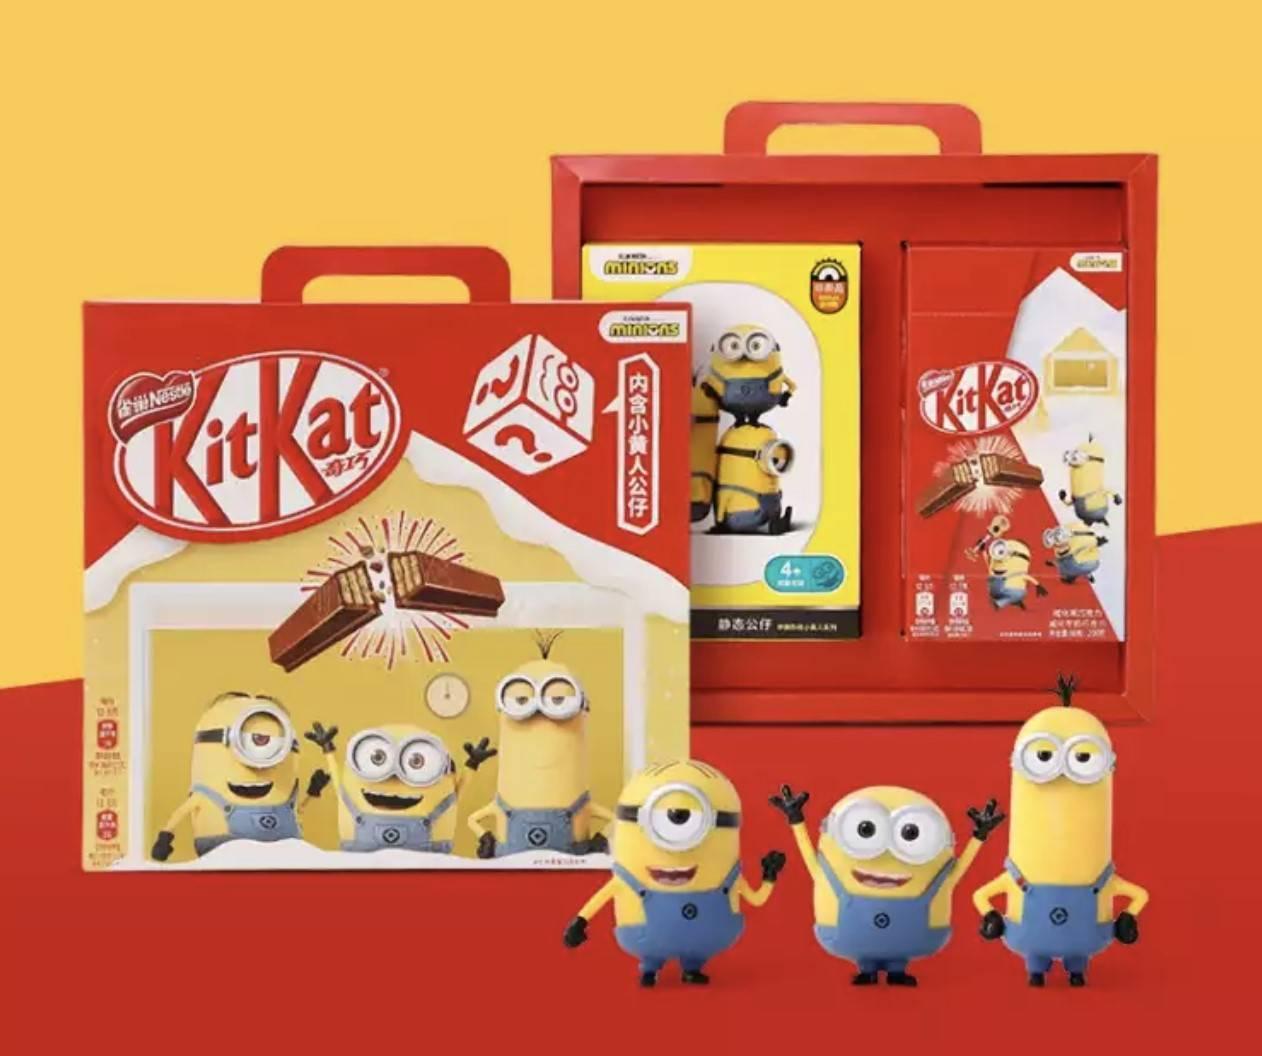 京东超市百味年货好物榜:有颜又有甜,这都是什么神仙糖果啊!